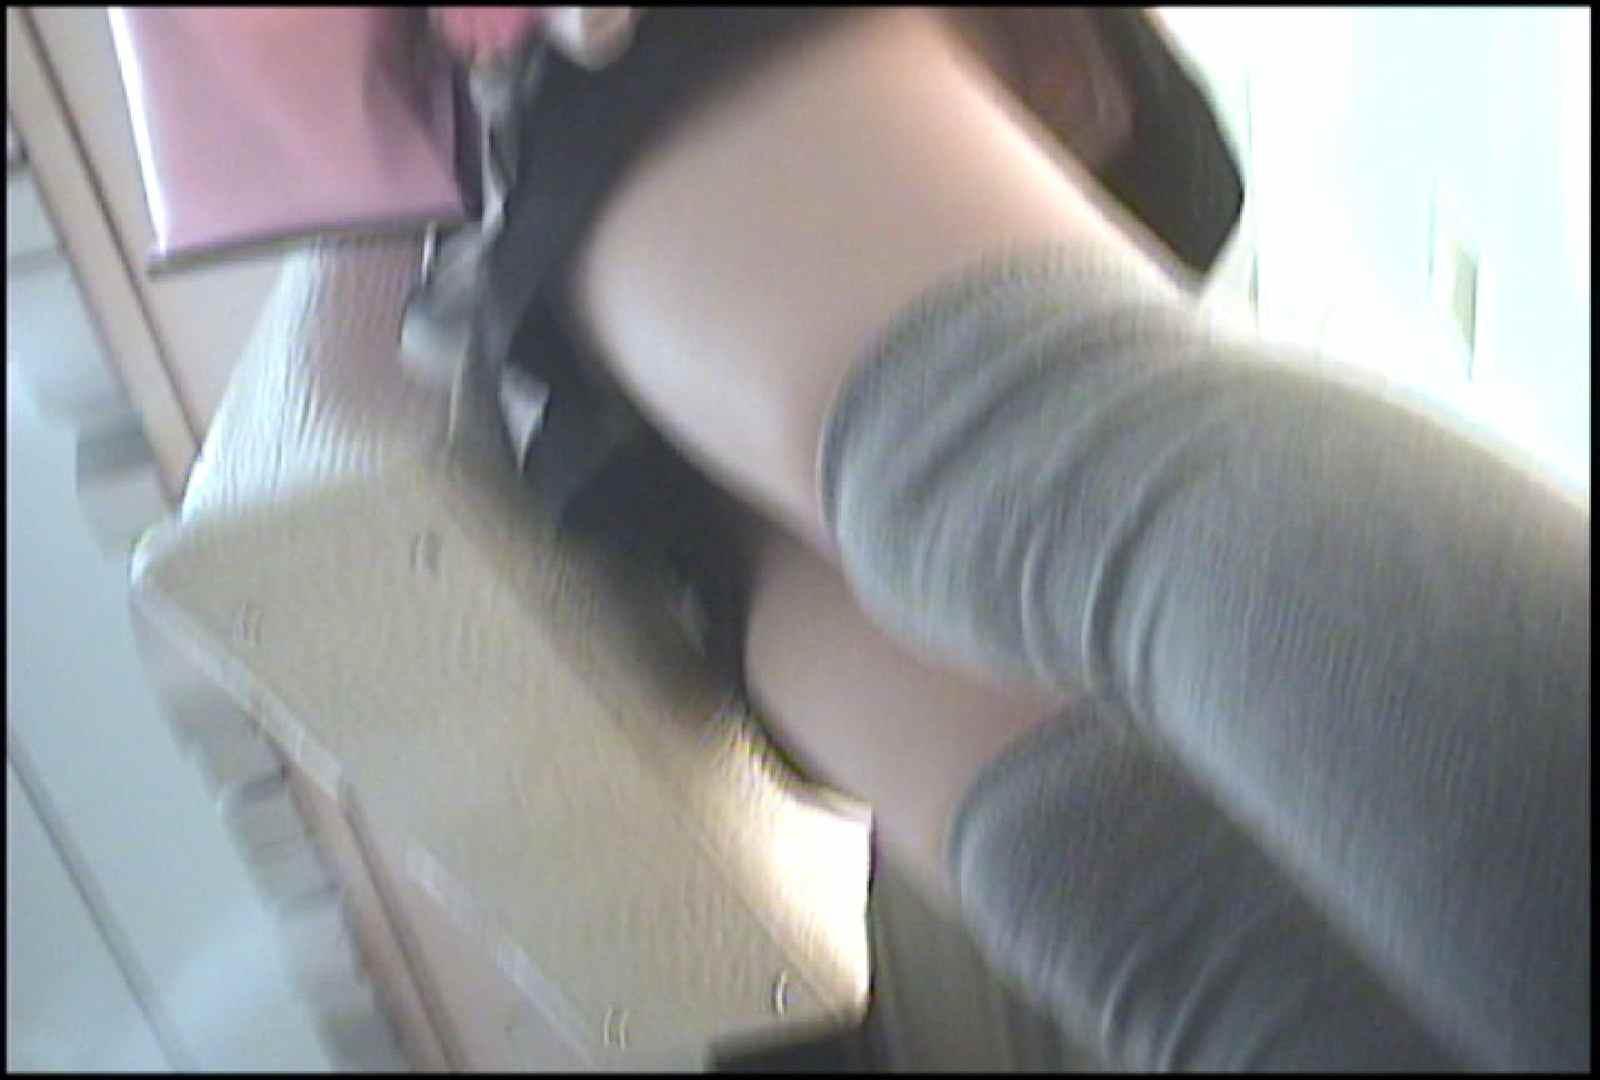 「しん」さんの逆さバイキングVol.1 パンチラ 隠し撮りオマンコ動画紹介 95pic 50